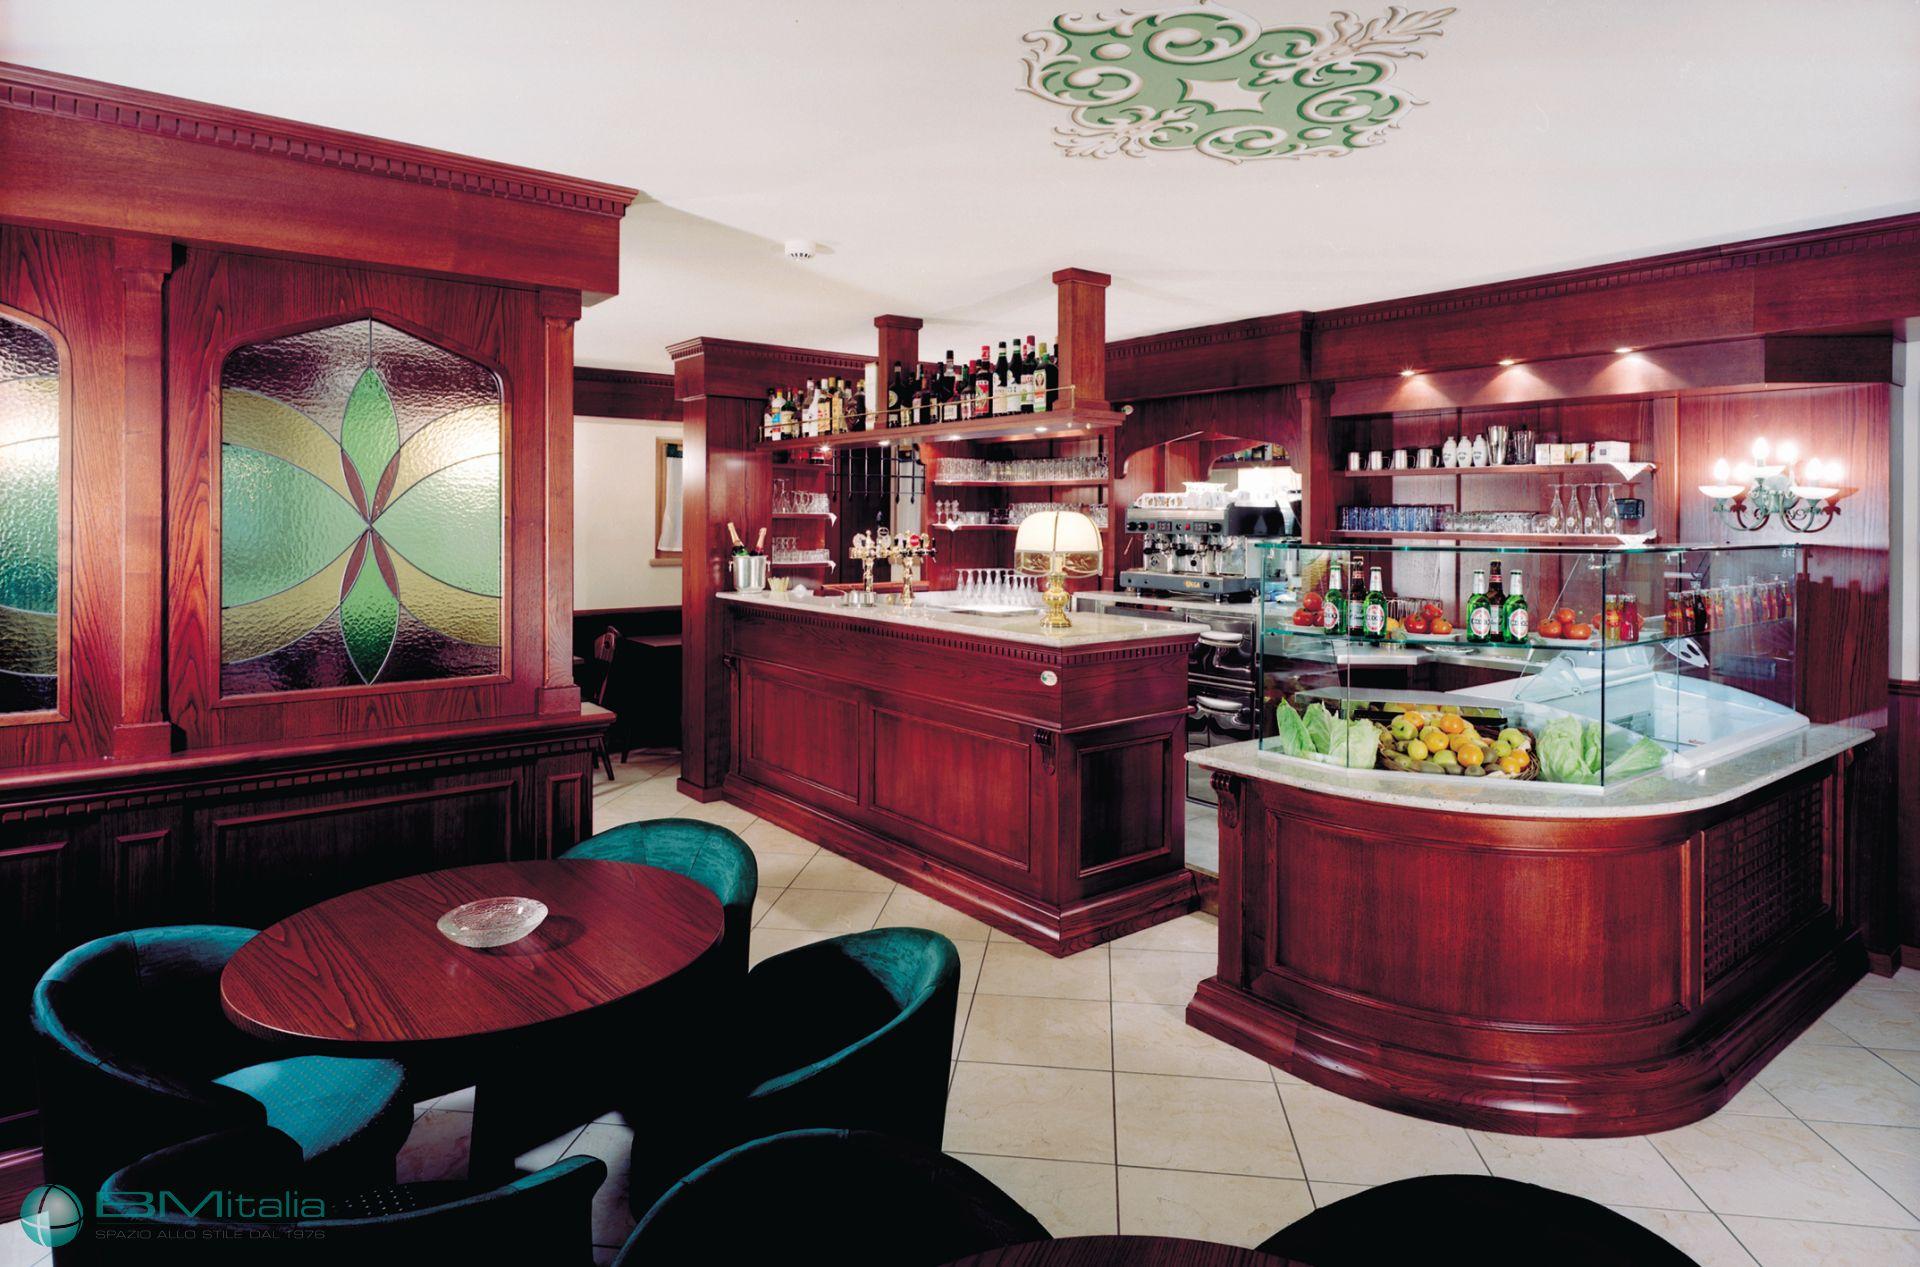 Progettazione e realizzazione arredi su misura per hotel for Arredi per alberghi e hotel